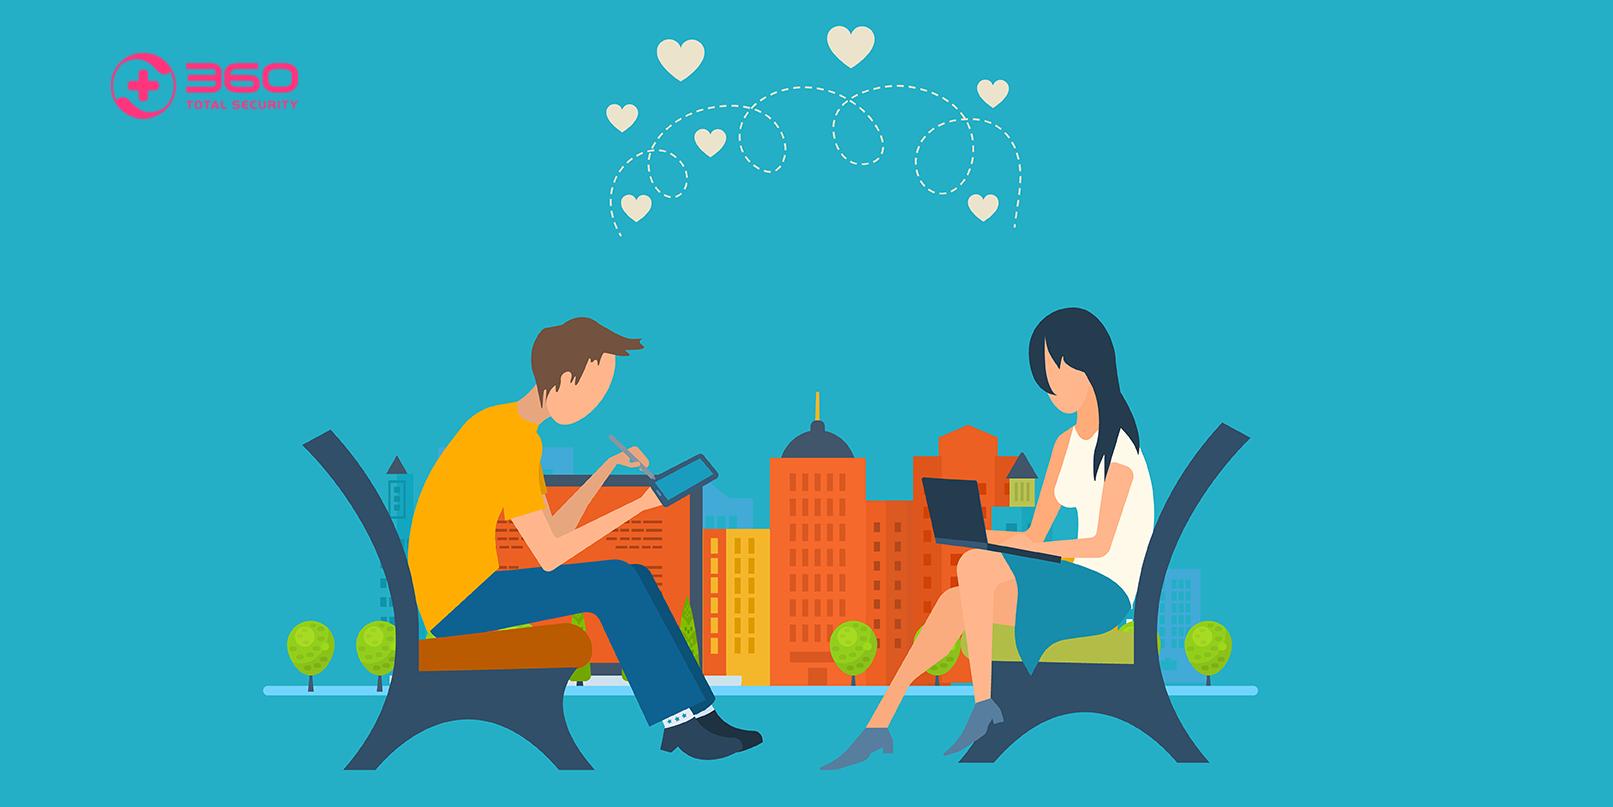 safe online dating on messaging apps